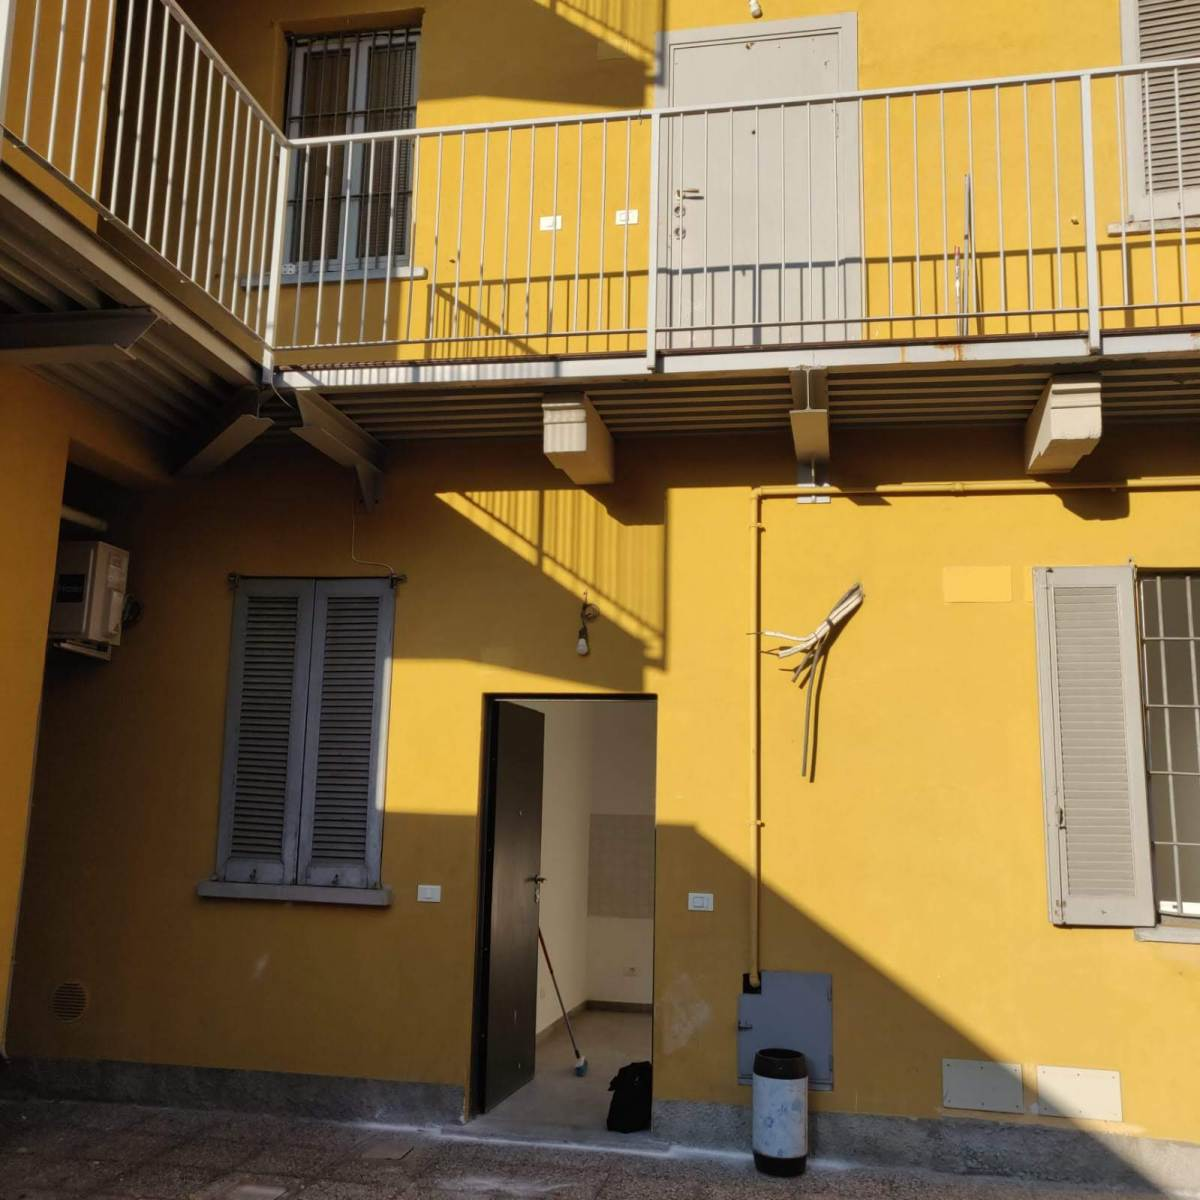 bilocale-via-quinto-romano-milano-baggio-spaziourbano-immobiliare-vende-2-locali-1